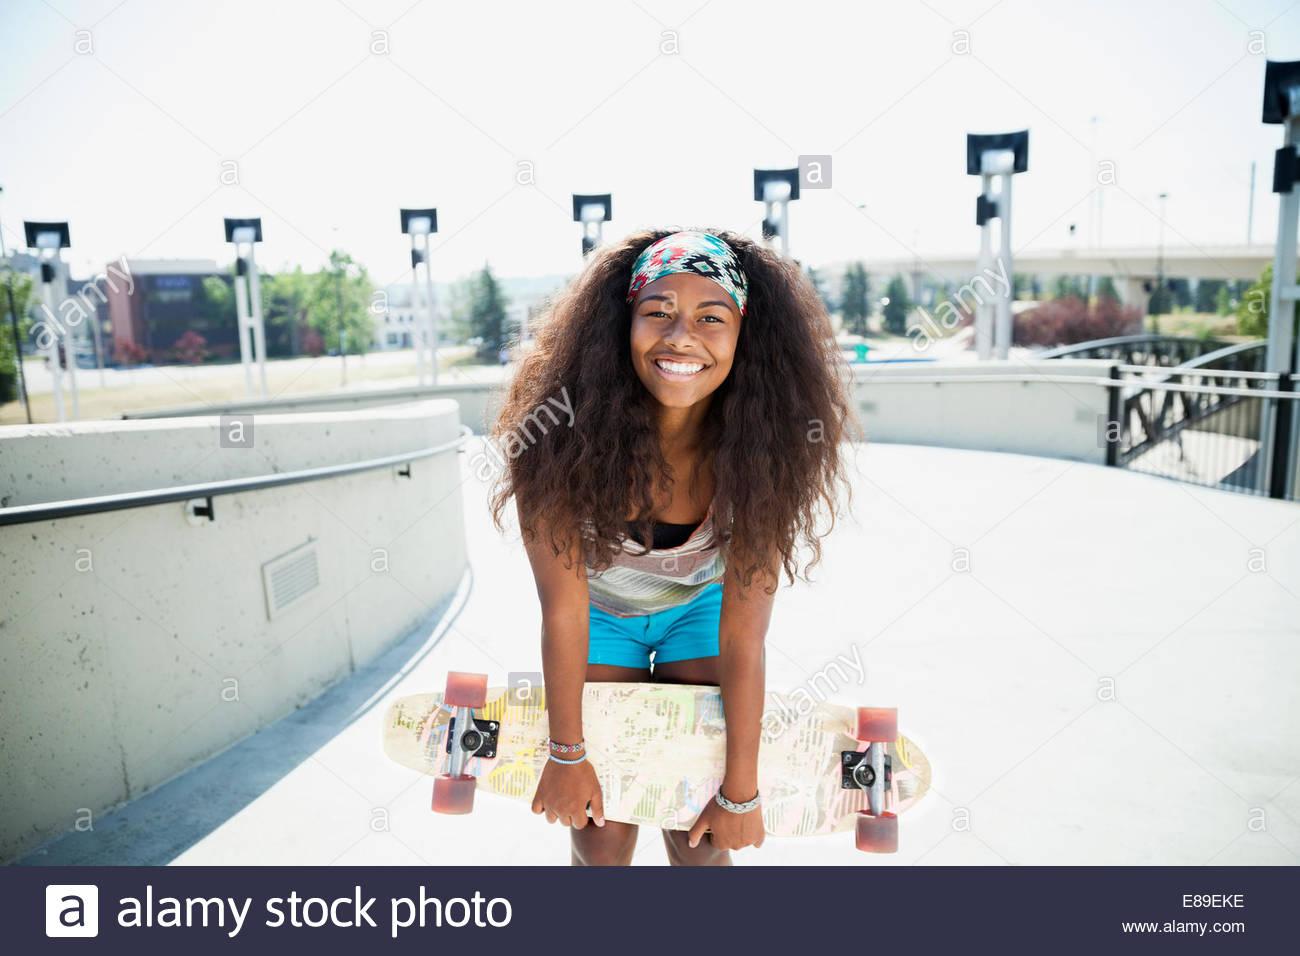 Ritratto di ragazza adolescente holding skateboard Immagini Stock